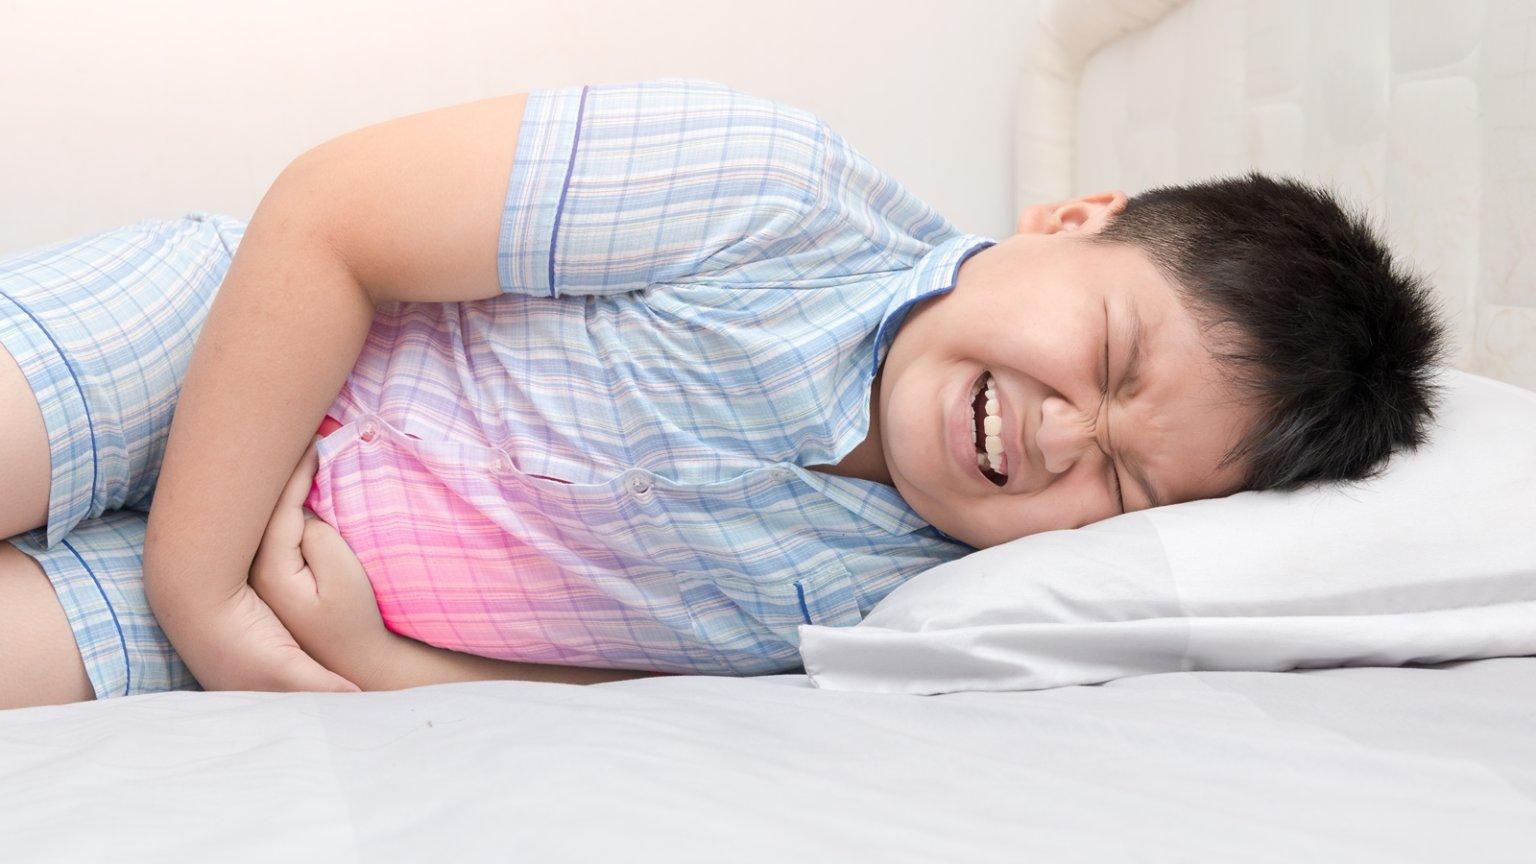 Причины болей в боку могут иметь физиологический и функциональный характер